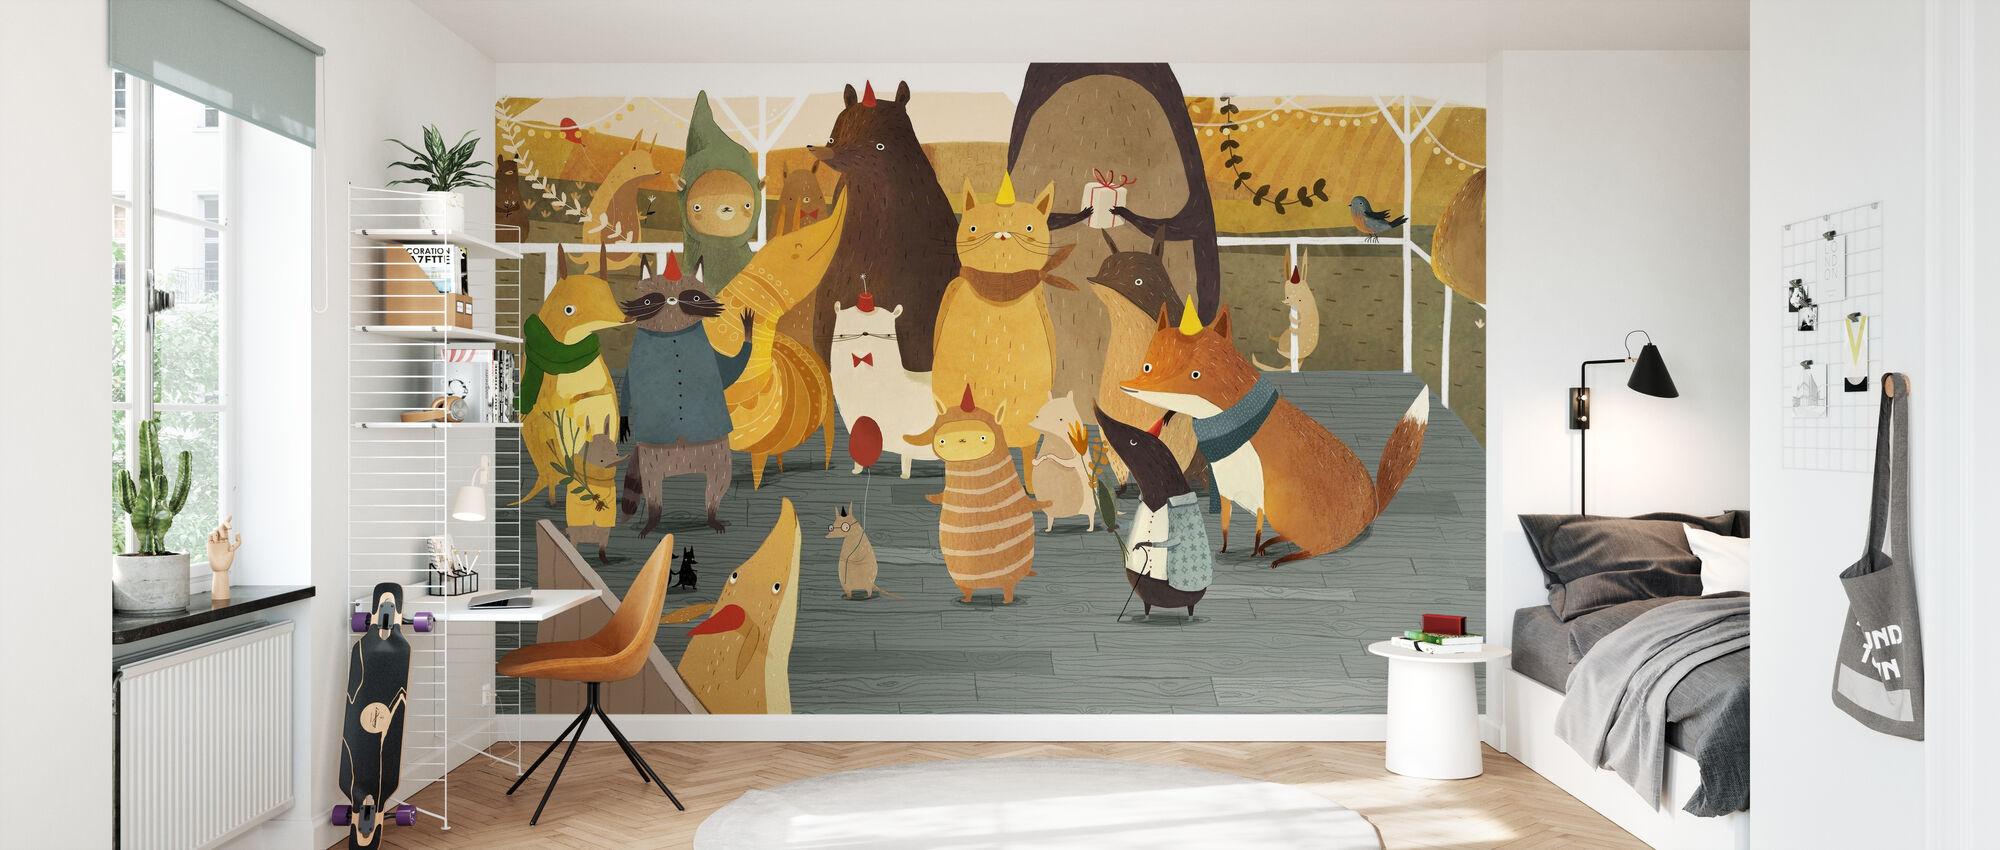 Besties Pancake Party - Wallpaper - Kids Room